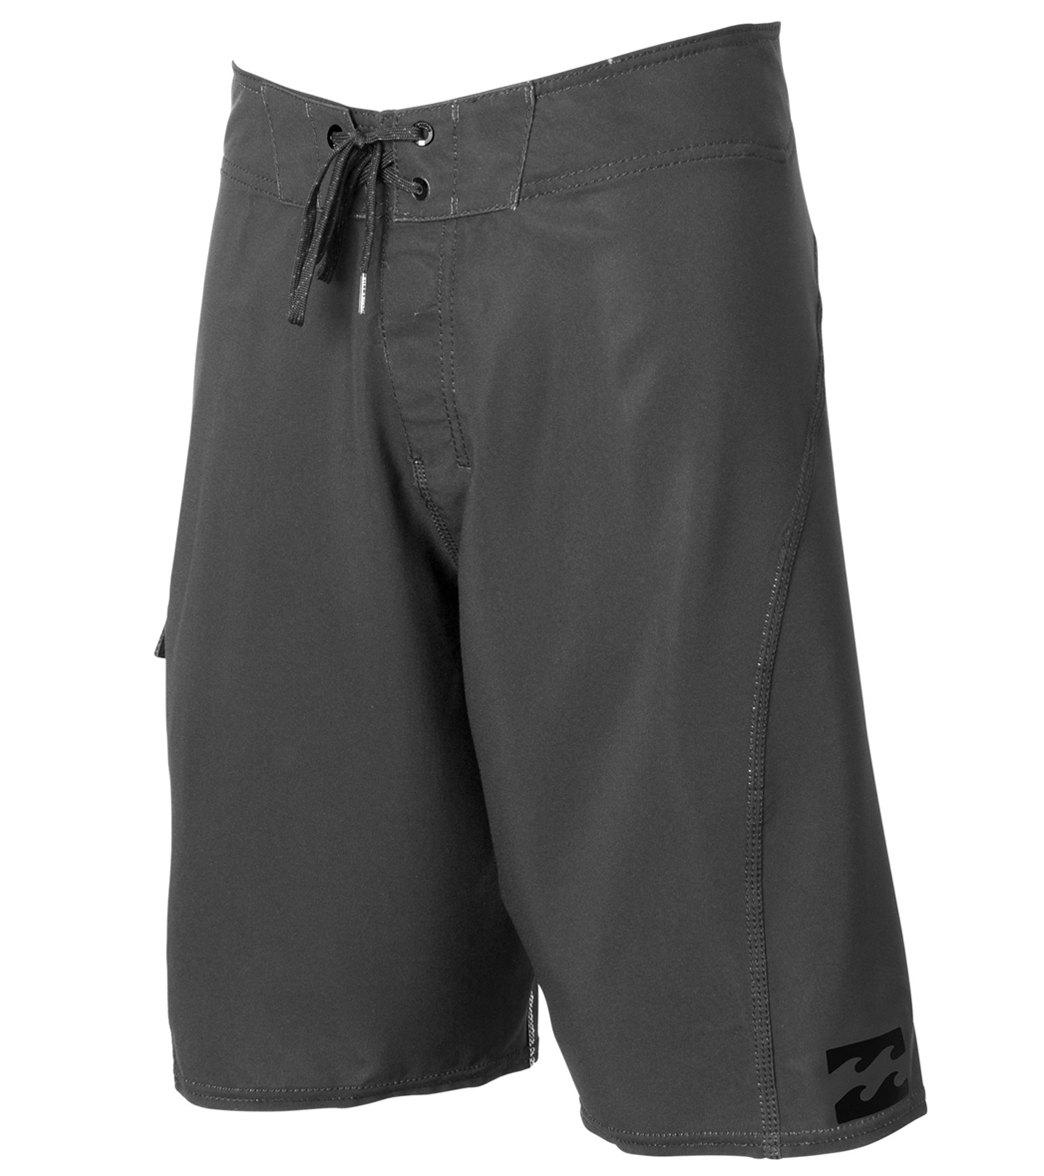 mens board shorts billabong menu0027s all day x boardshorts at swimoutlet.com - free shipping OFCIUAG